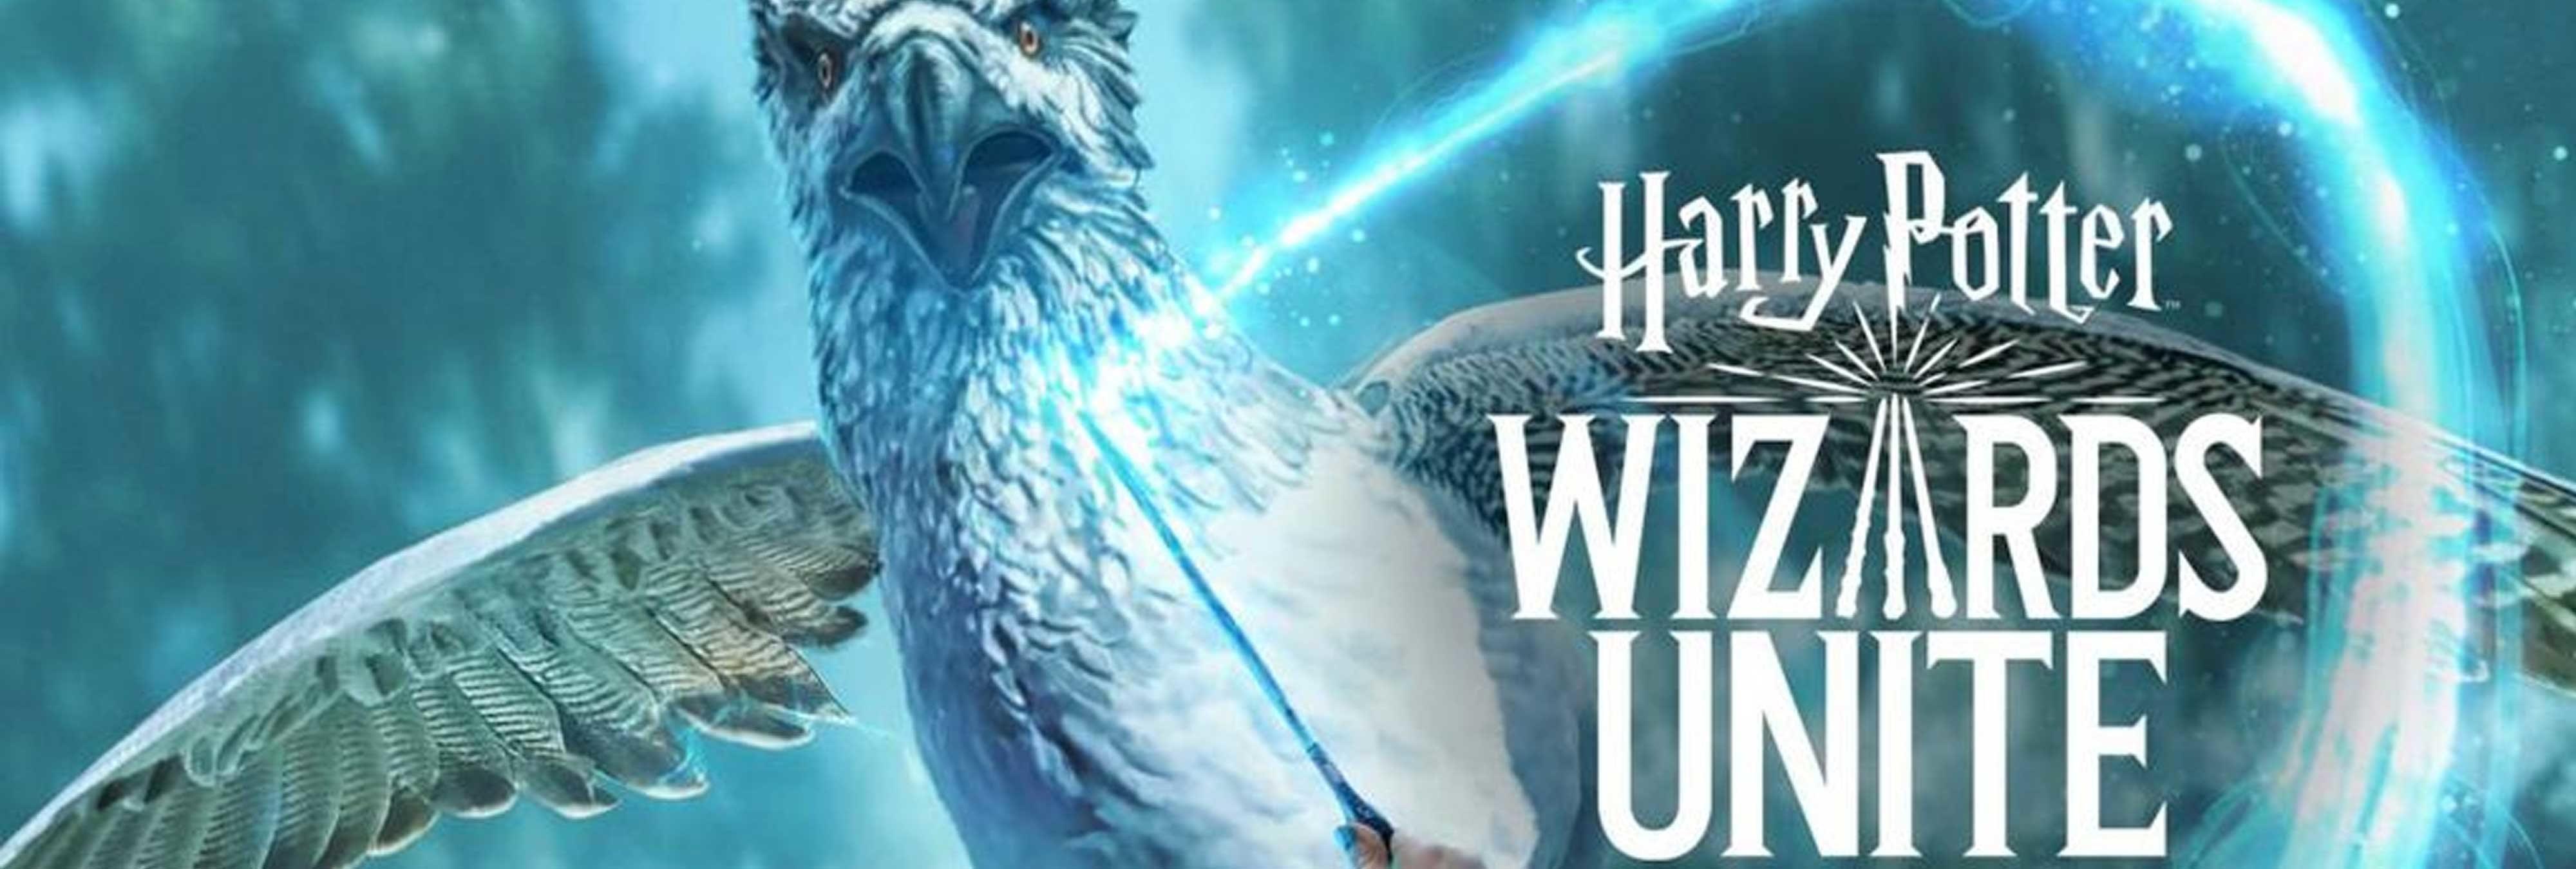 Así es 'Harry Potter: Wizards Unite', el juego para móviles al estilo 'Pokémon Go'